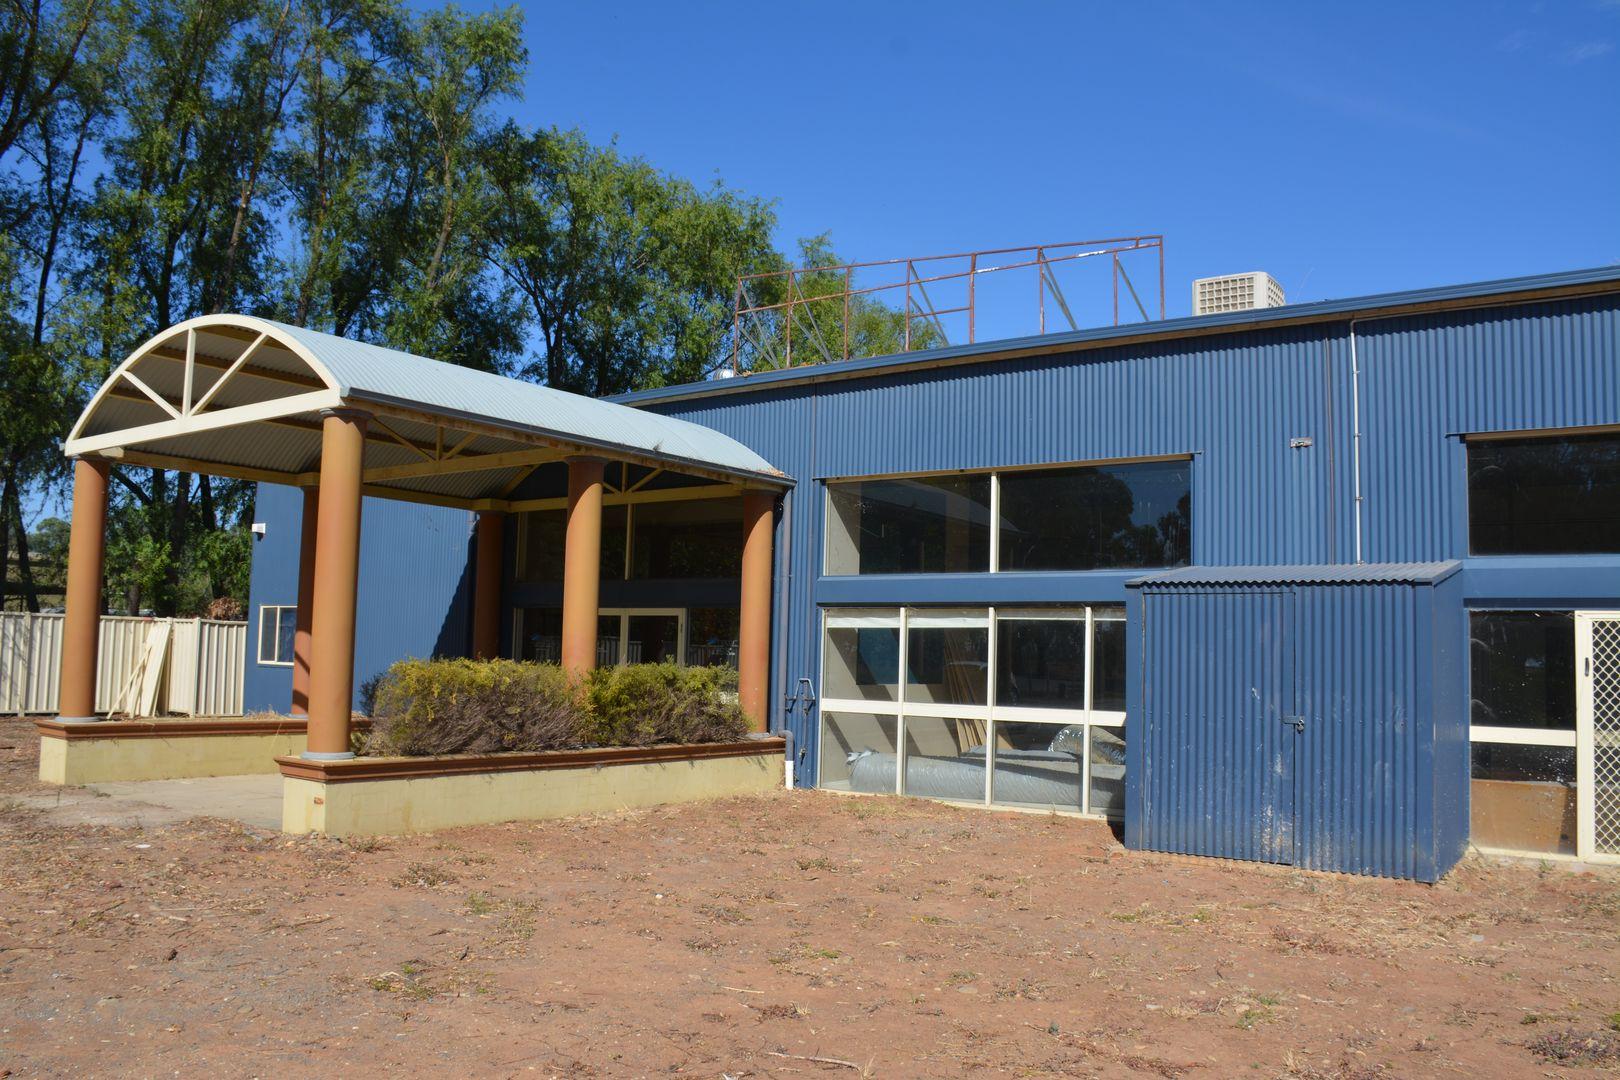 101/103 Benalla-Yarrawonga Road, Yarrawonga VIC 3730, Image 1